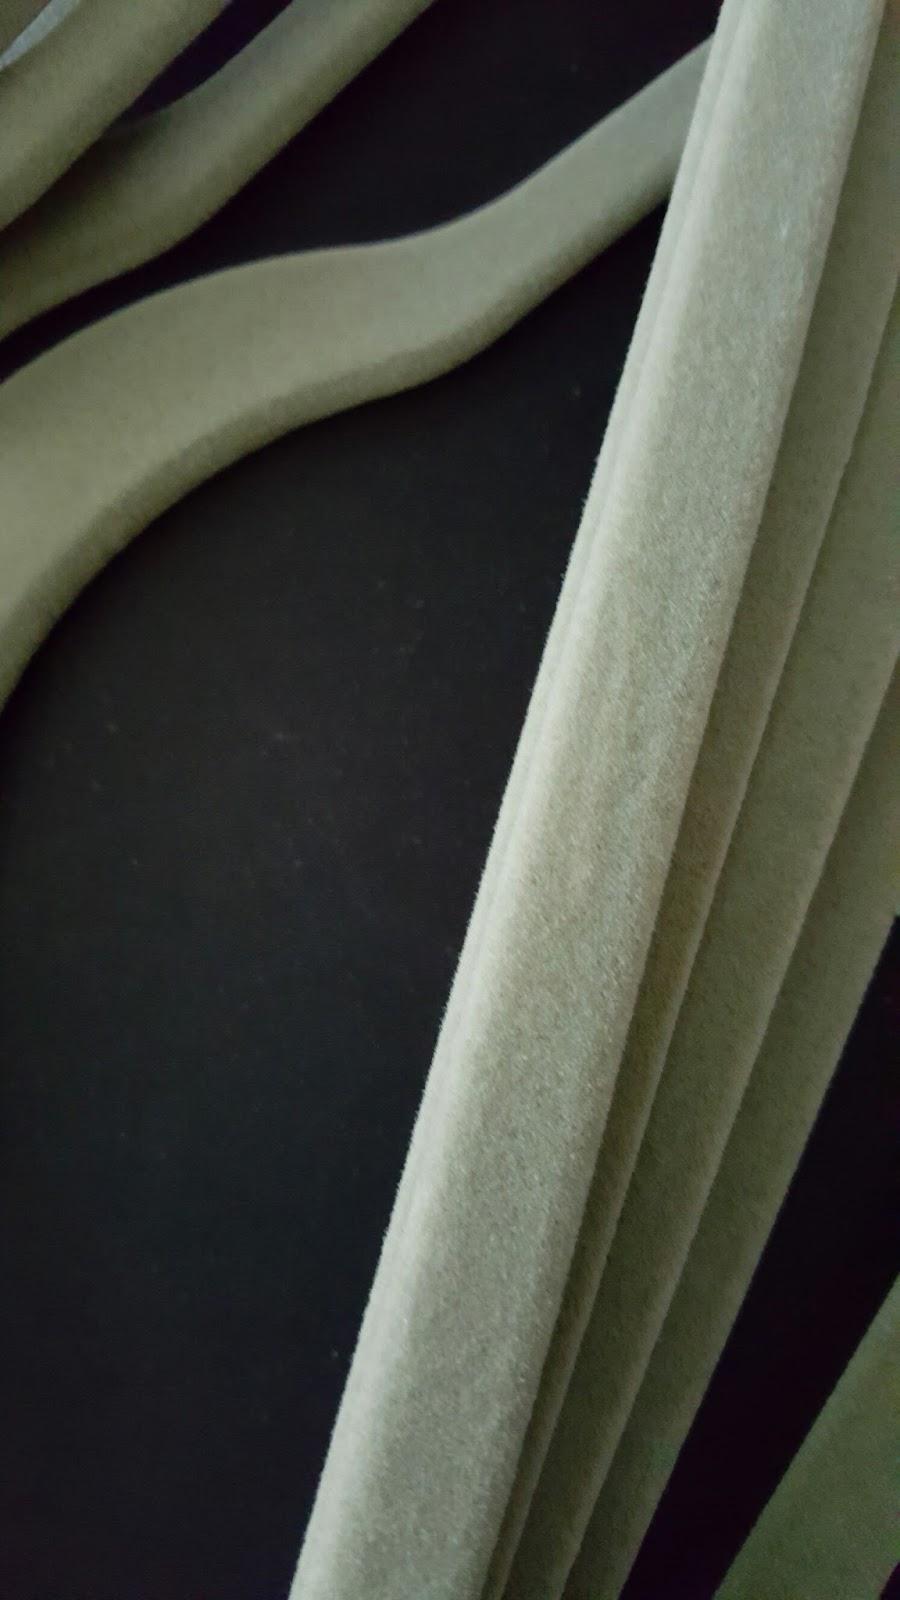 Lahr Testet Homdox Beflocken Kleiderbügel Kleidungklage - Fliesen beflocken